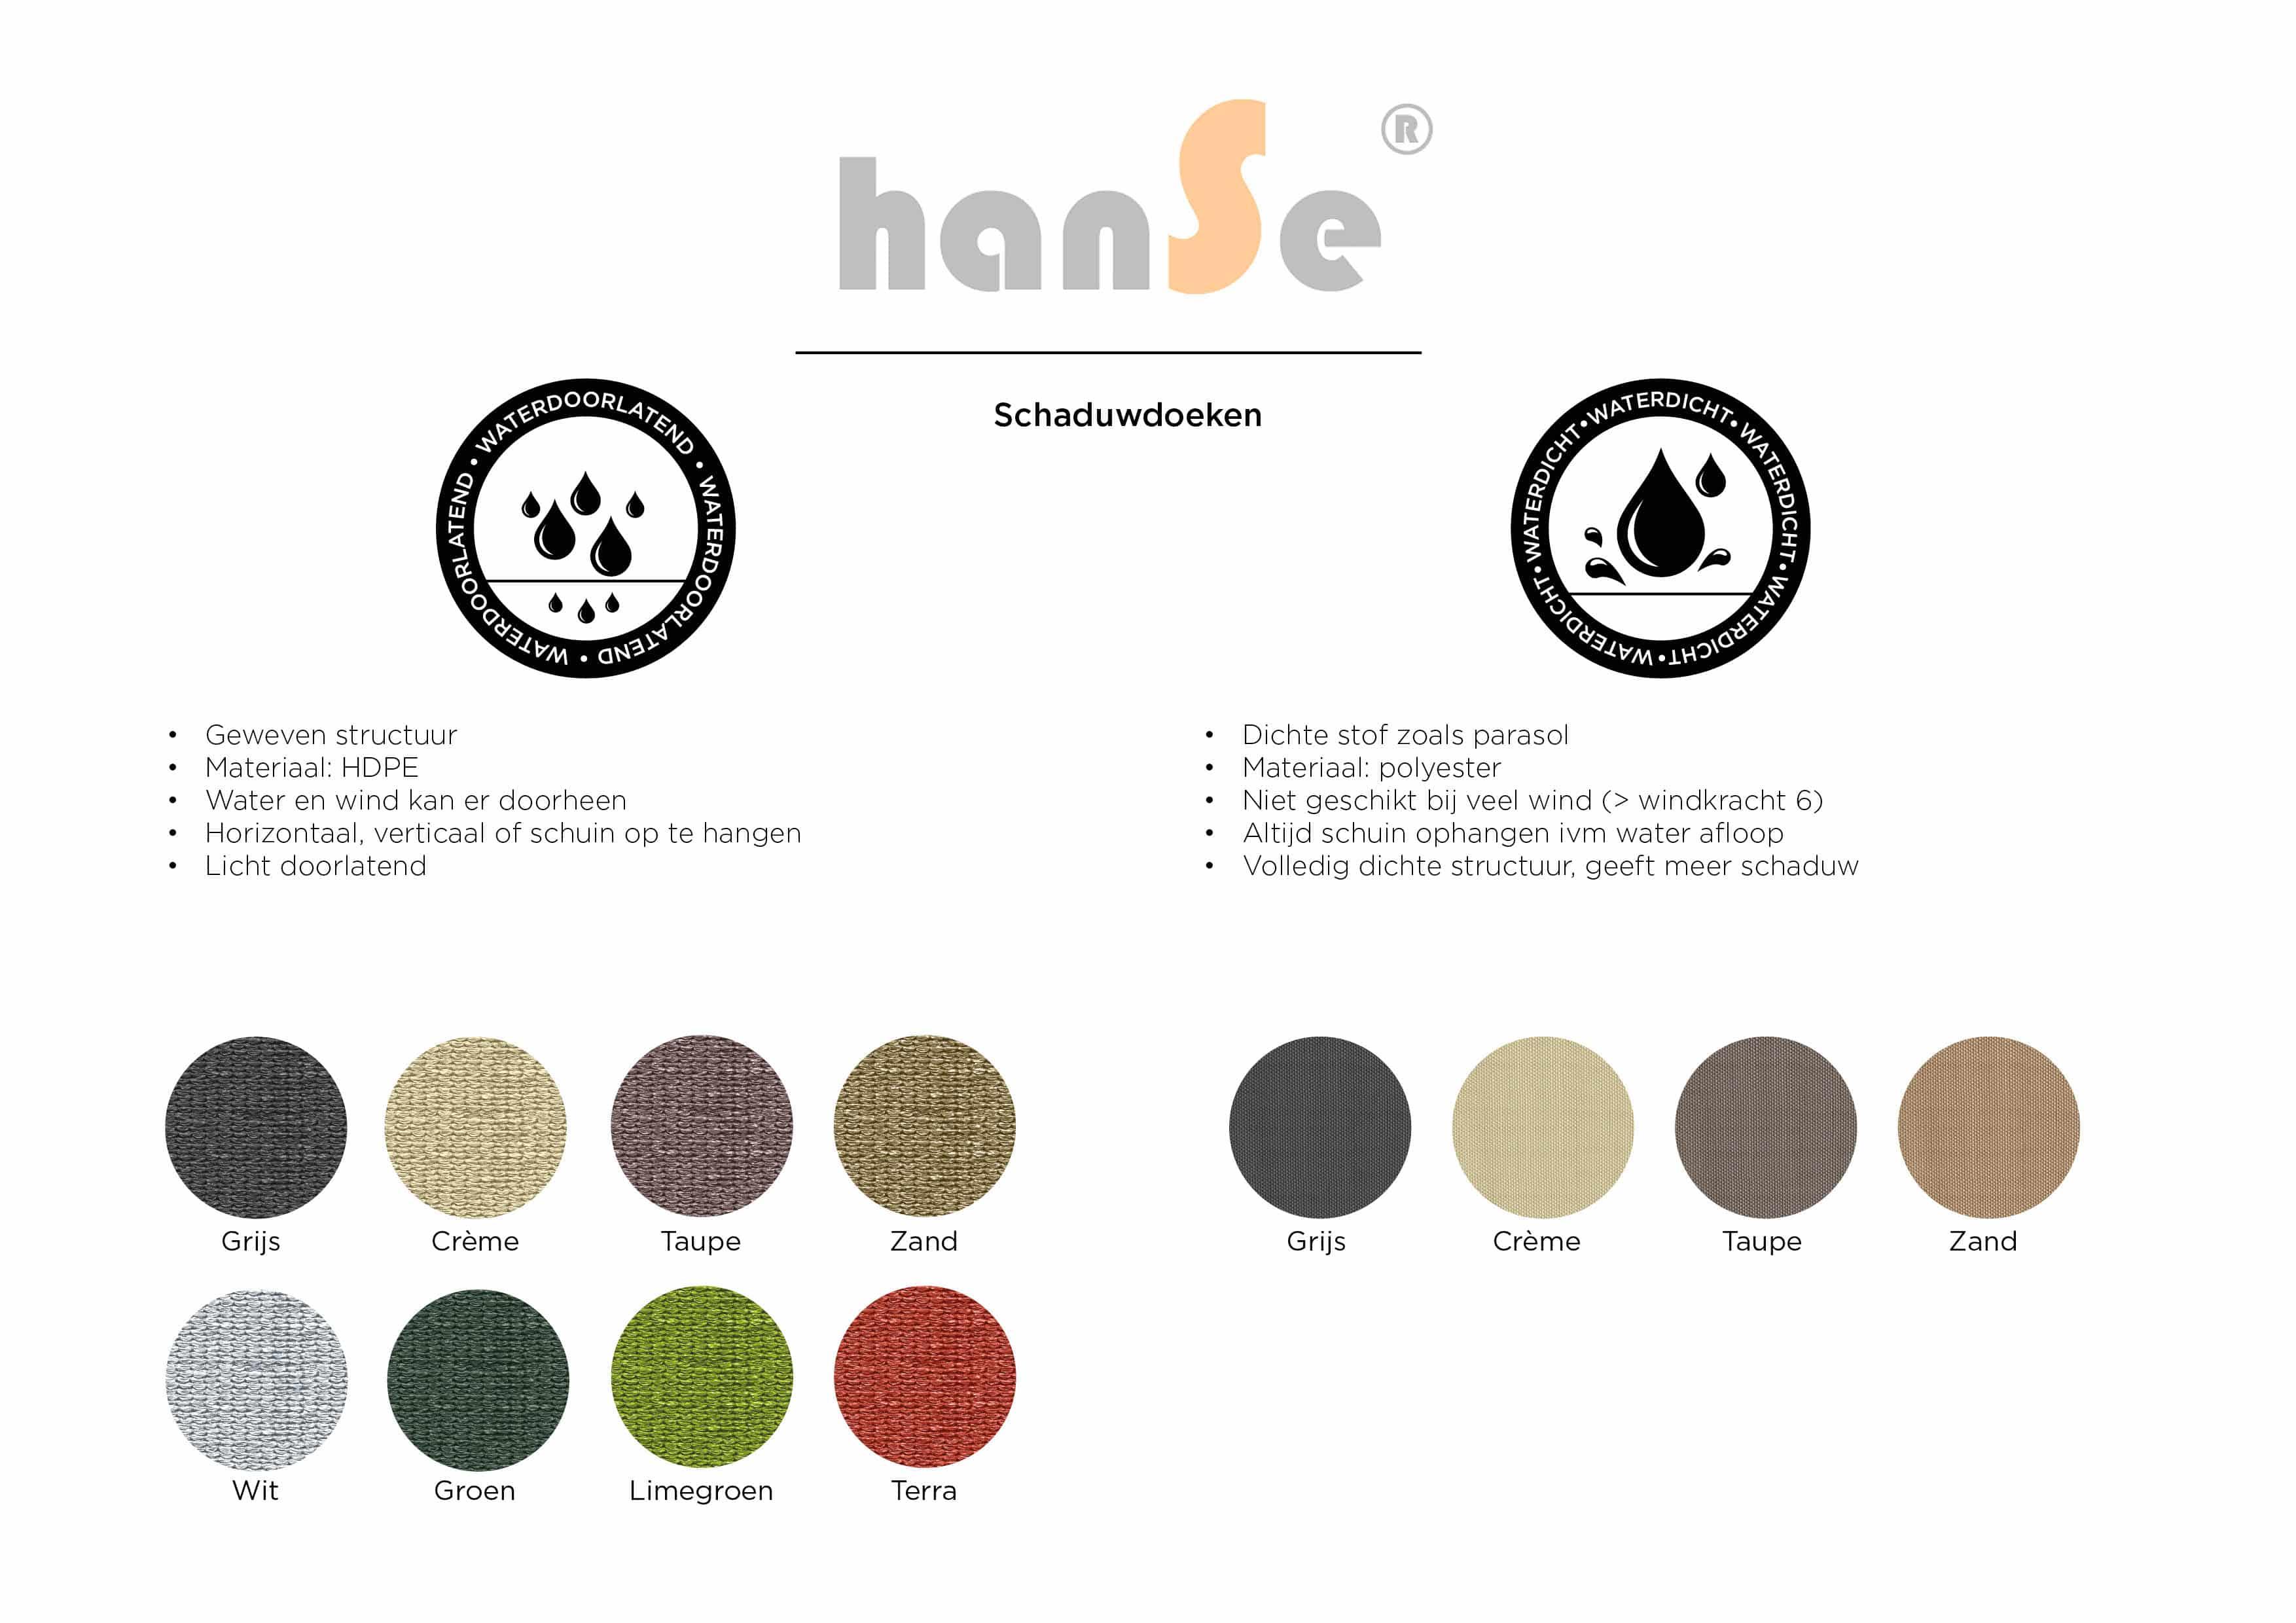 hanSe® Schaduwdoek Driehoek Waterdoorlatend 4x4x4 m - zonnedoek - Zand